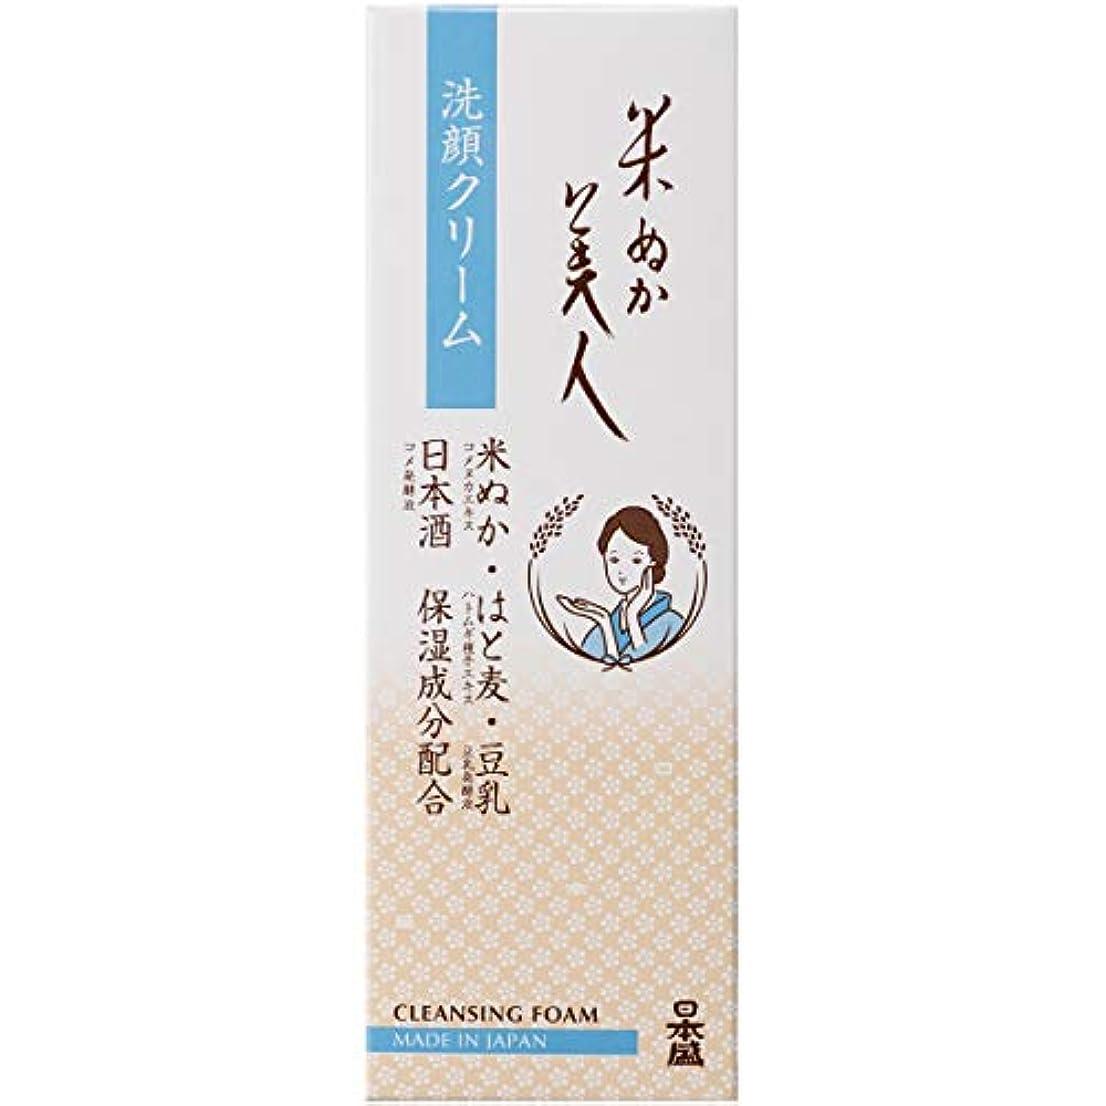 好き非アクティブアミューズメント米ぬか美人 洗顔クリーム 100g